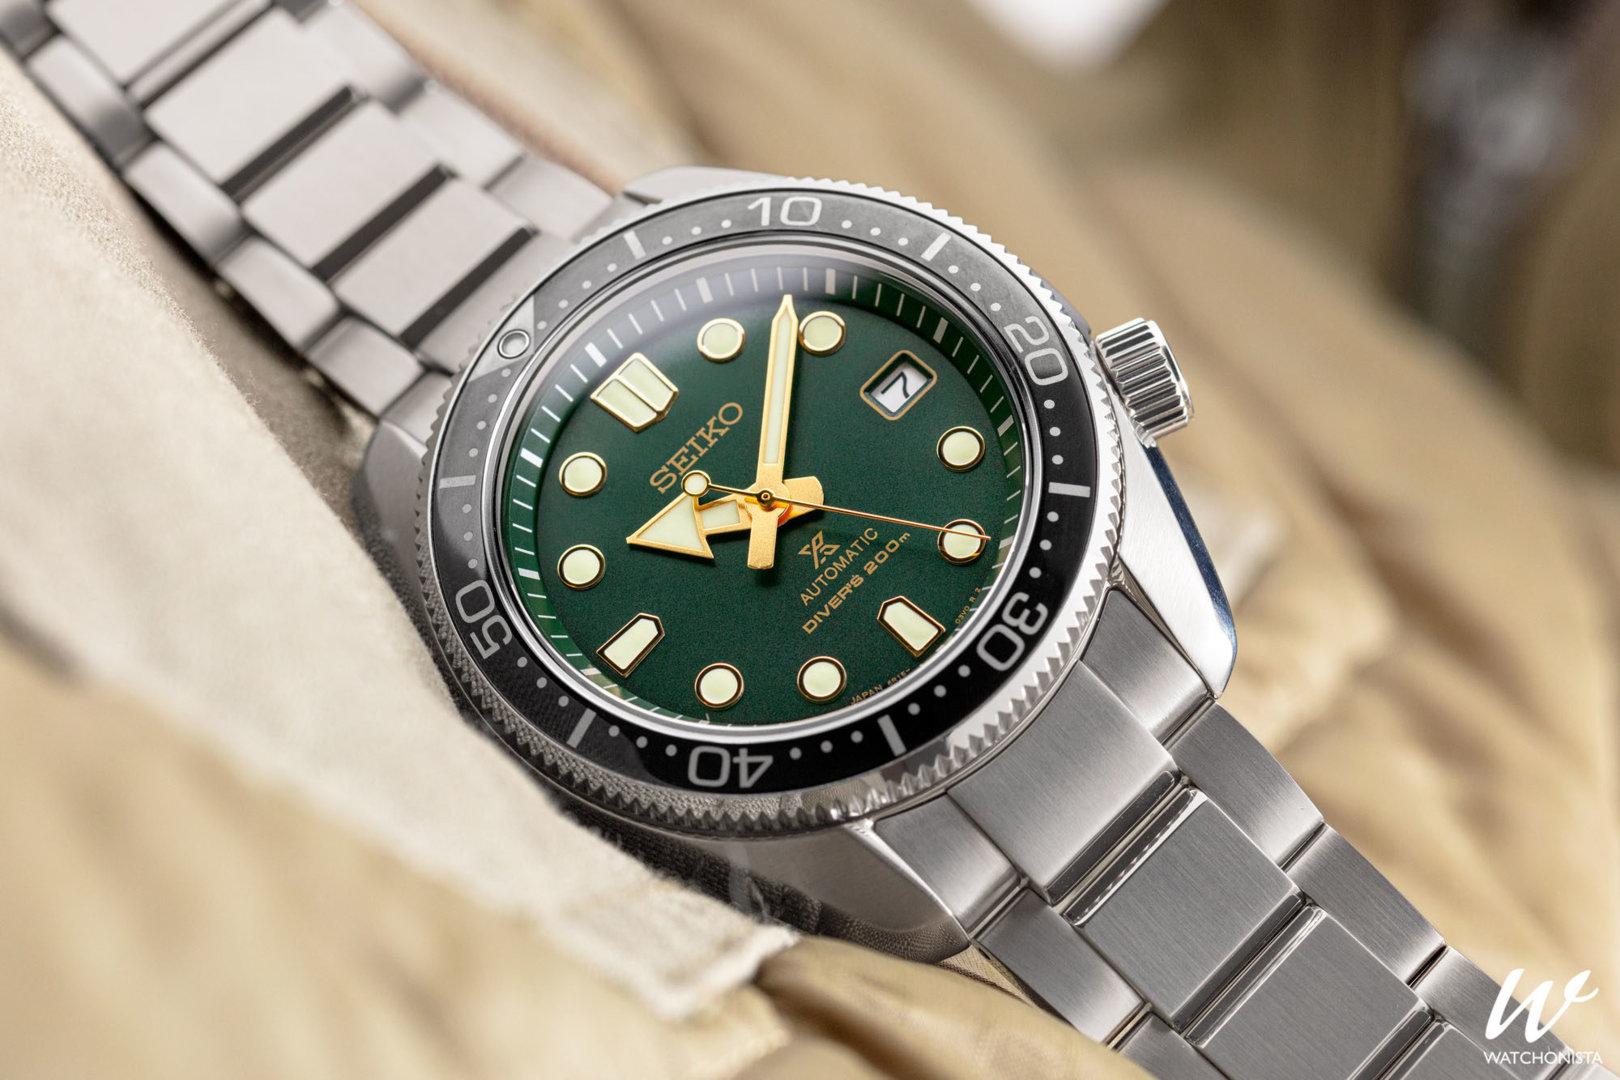 809A9803-F7AB-4466-9ED6-1540516C4BA3.